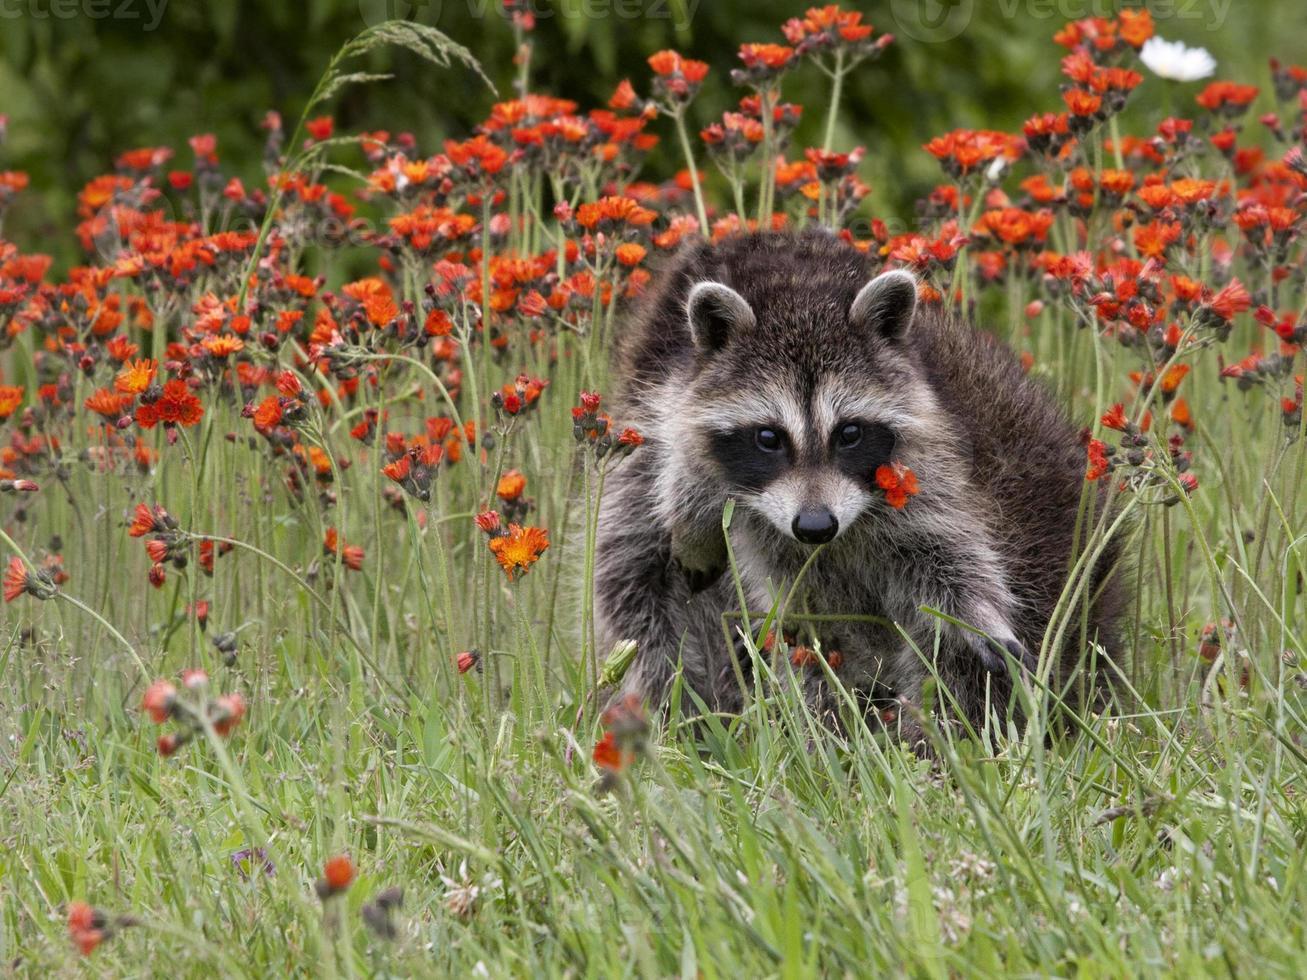 giovane procione in posa in fiori d'arancio foto